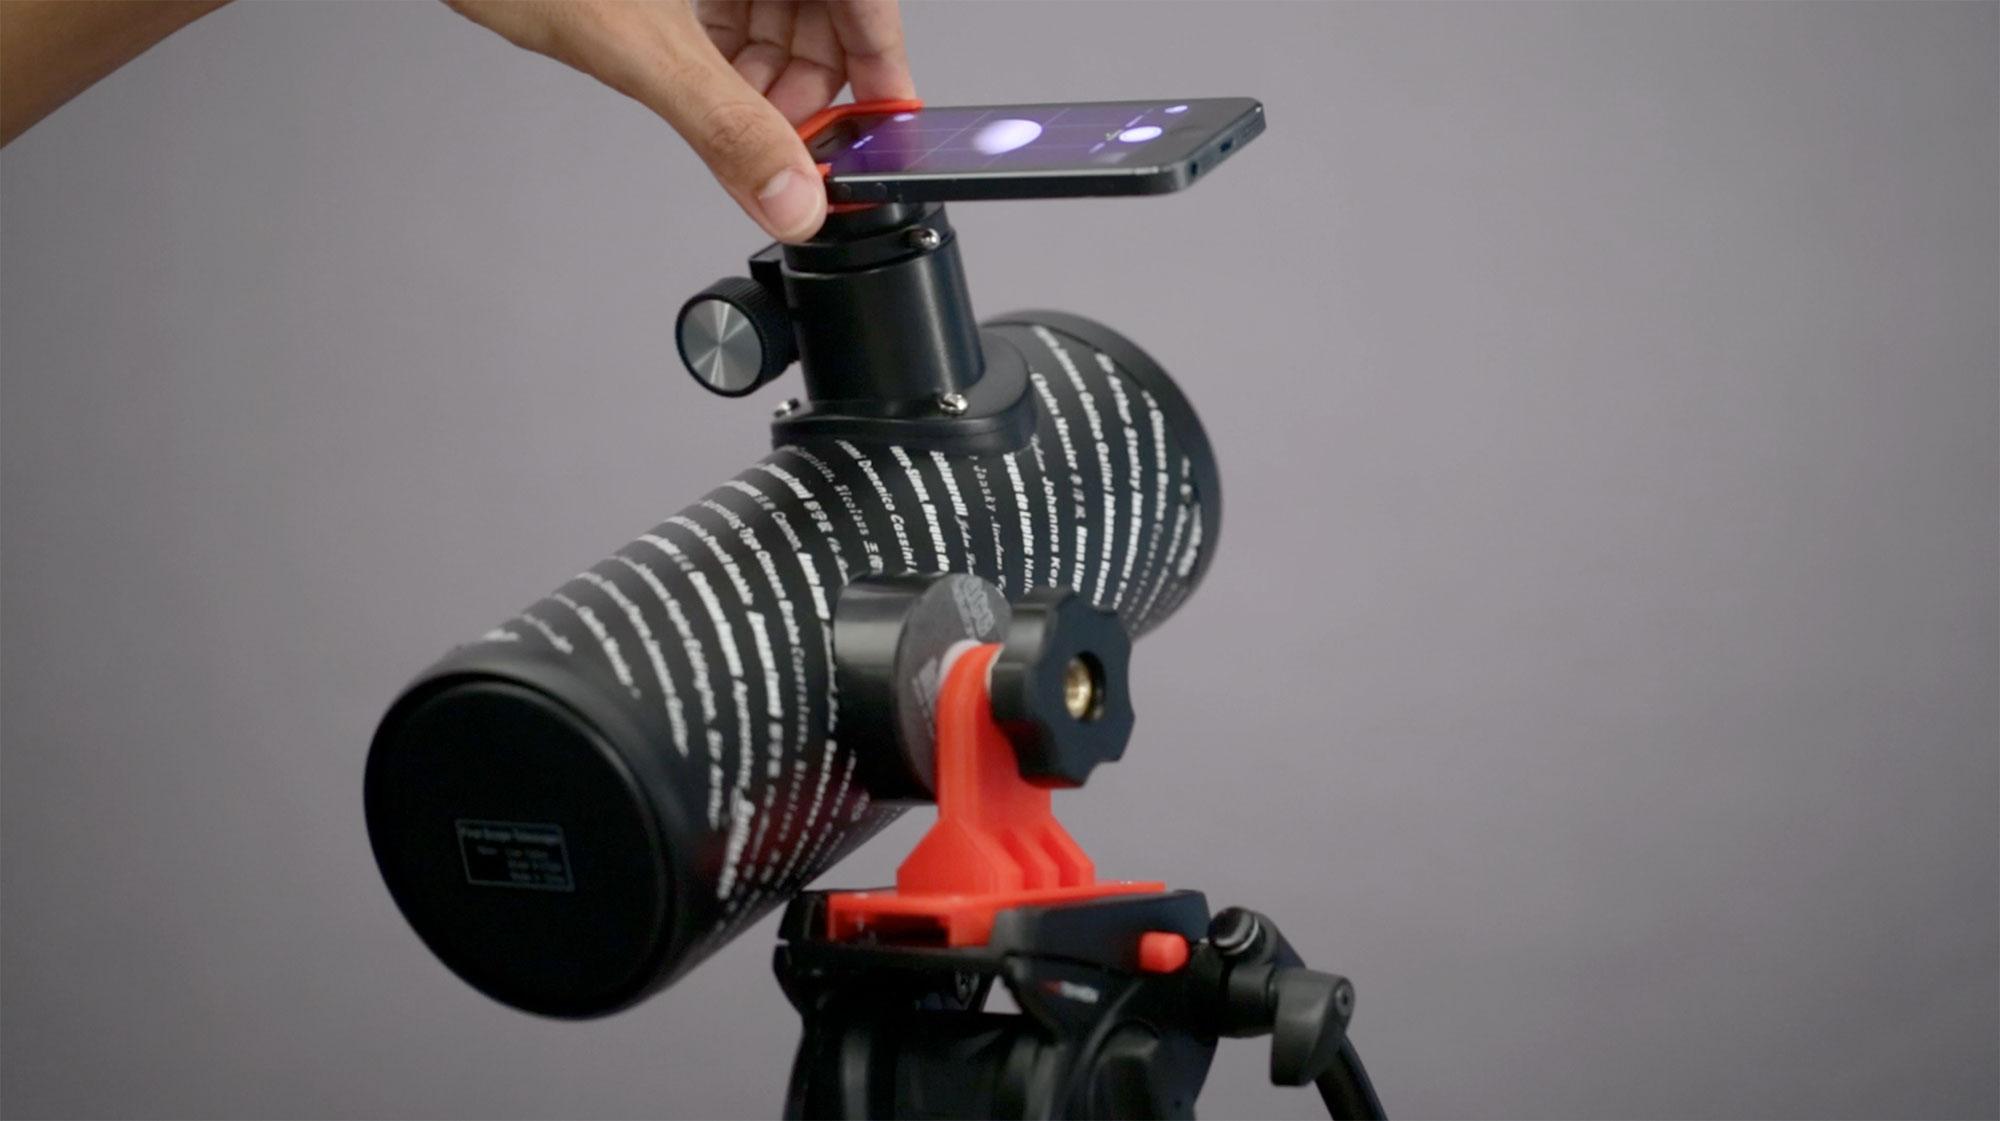 3d_printing_adjust-phone-on-scope.jpg